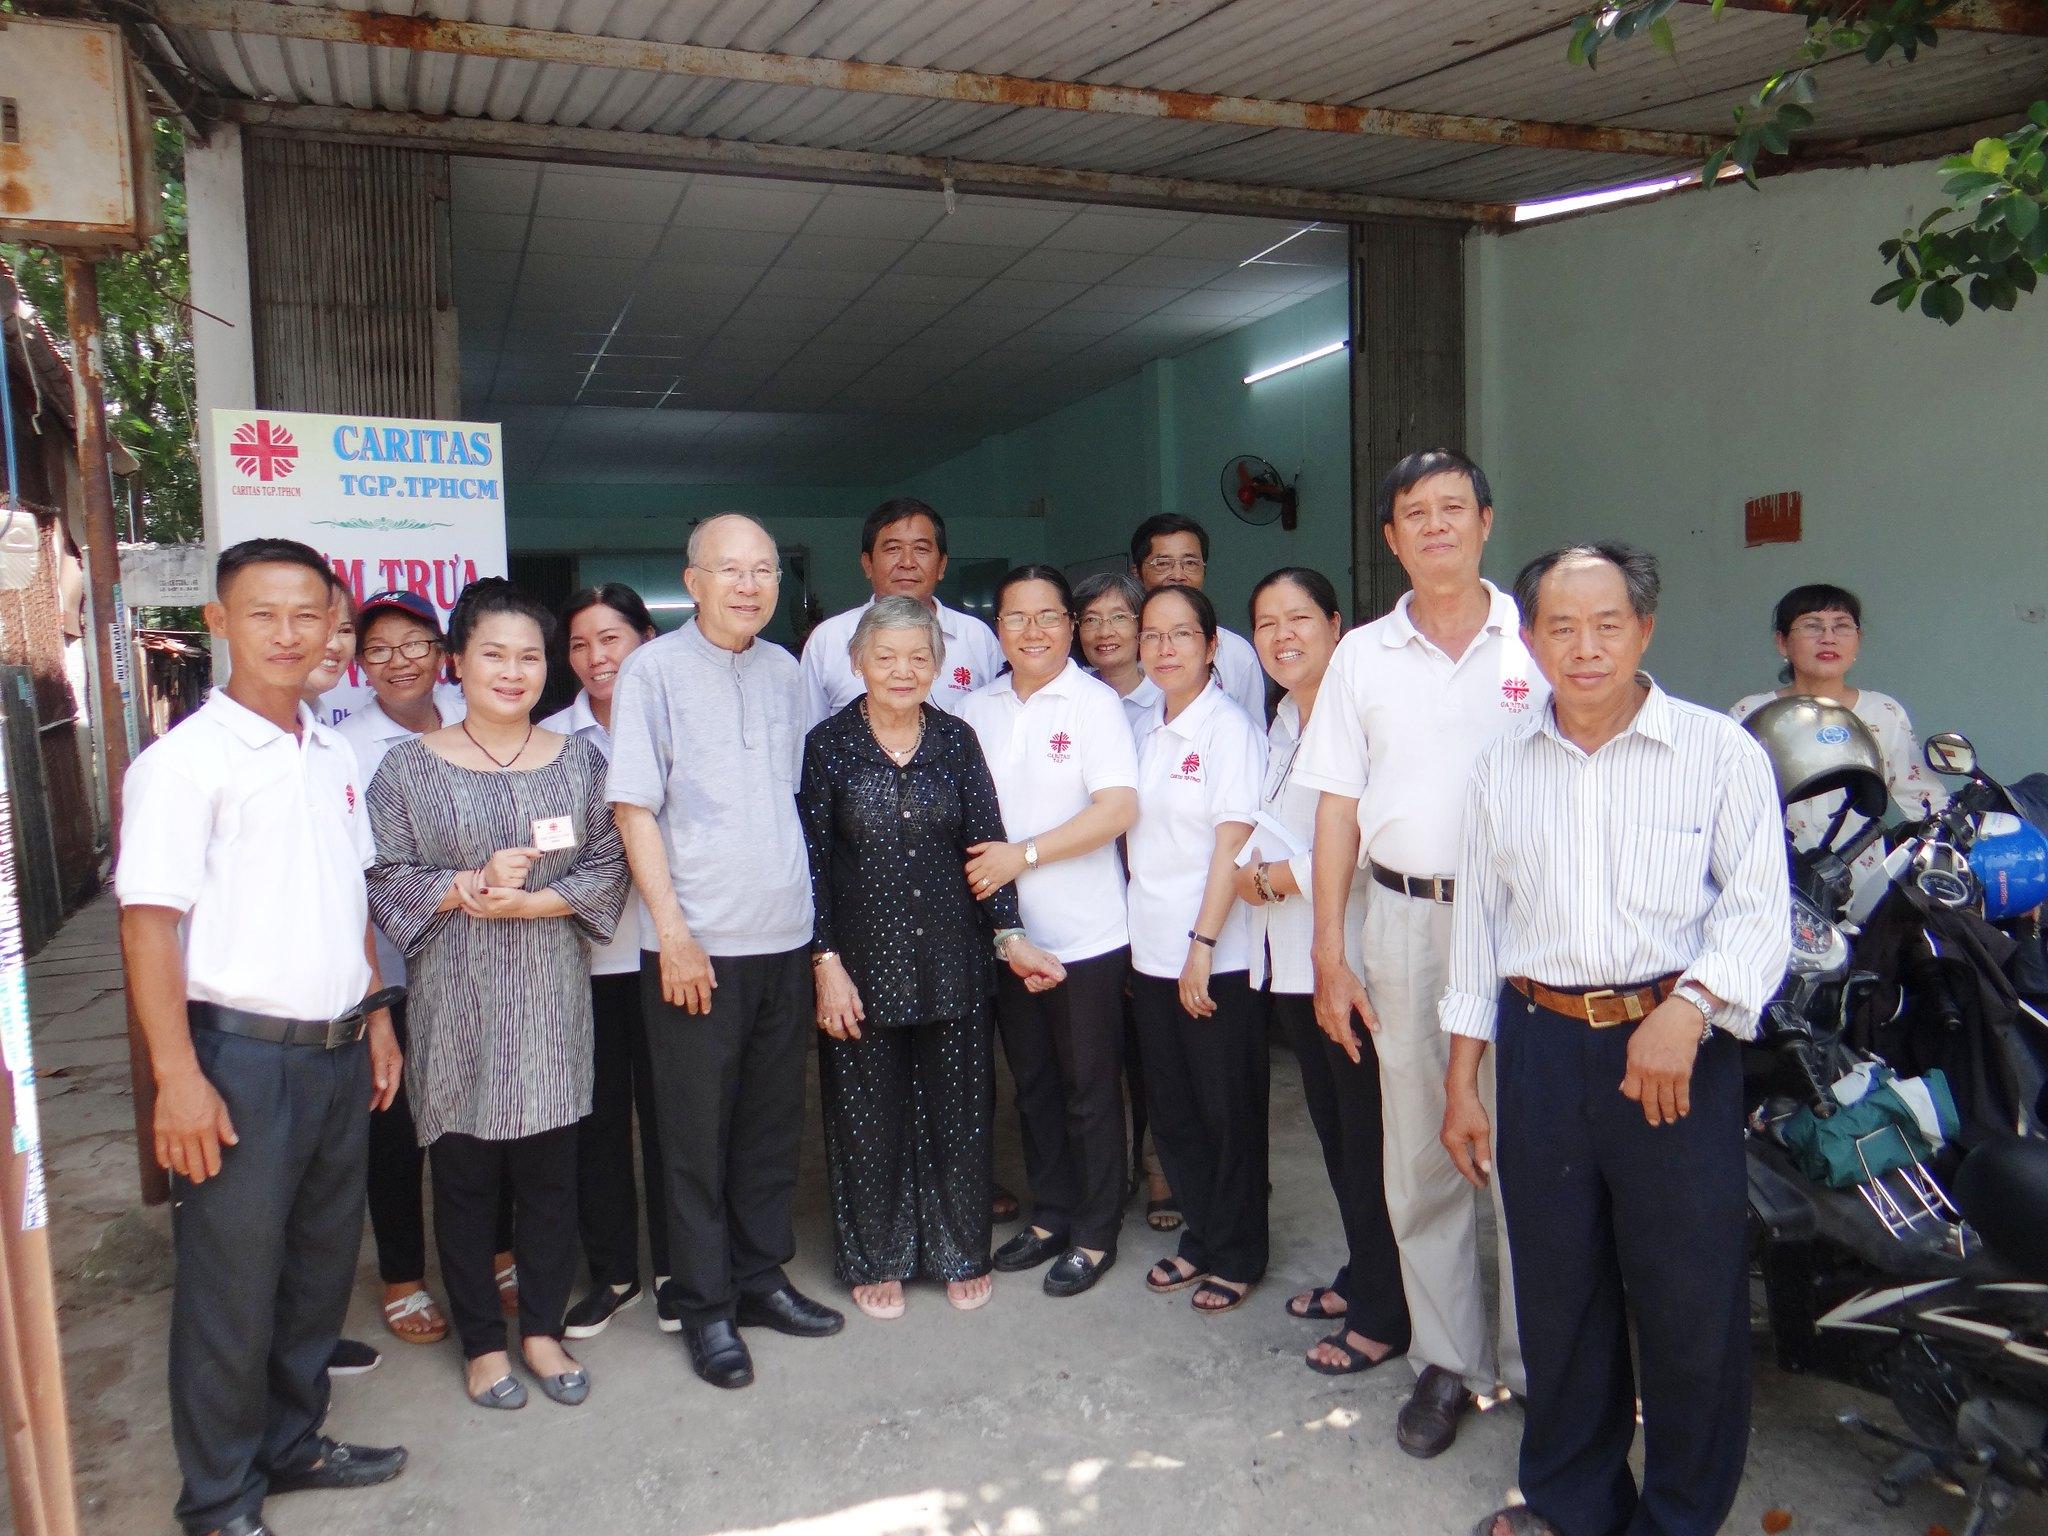 Thành viên tham dự khai trương quán cơm sinh viên 5000đ